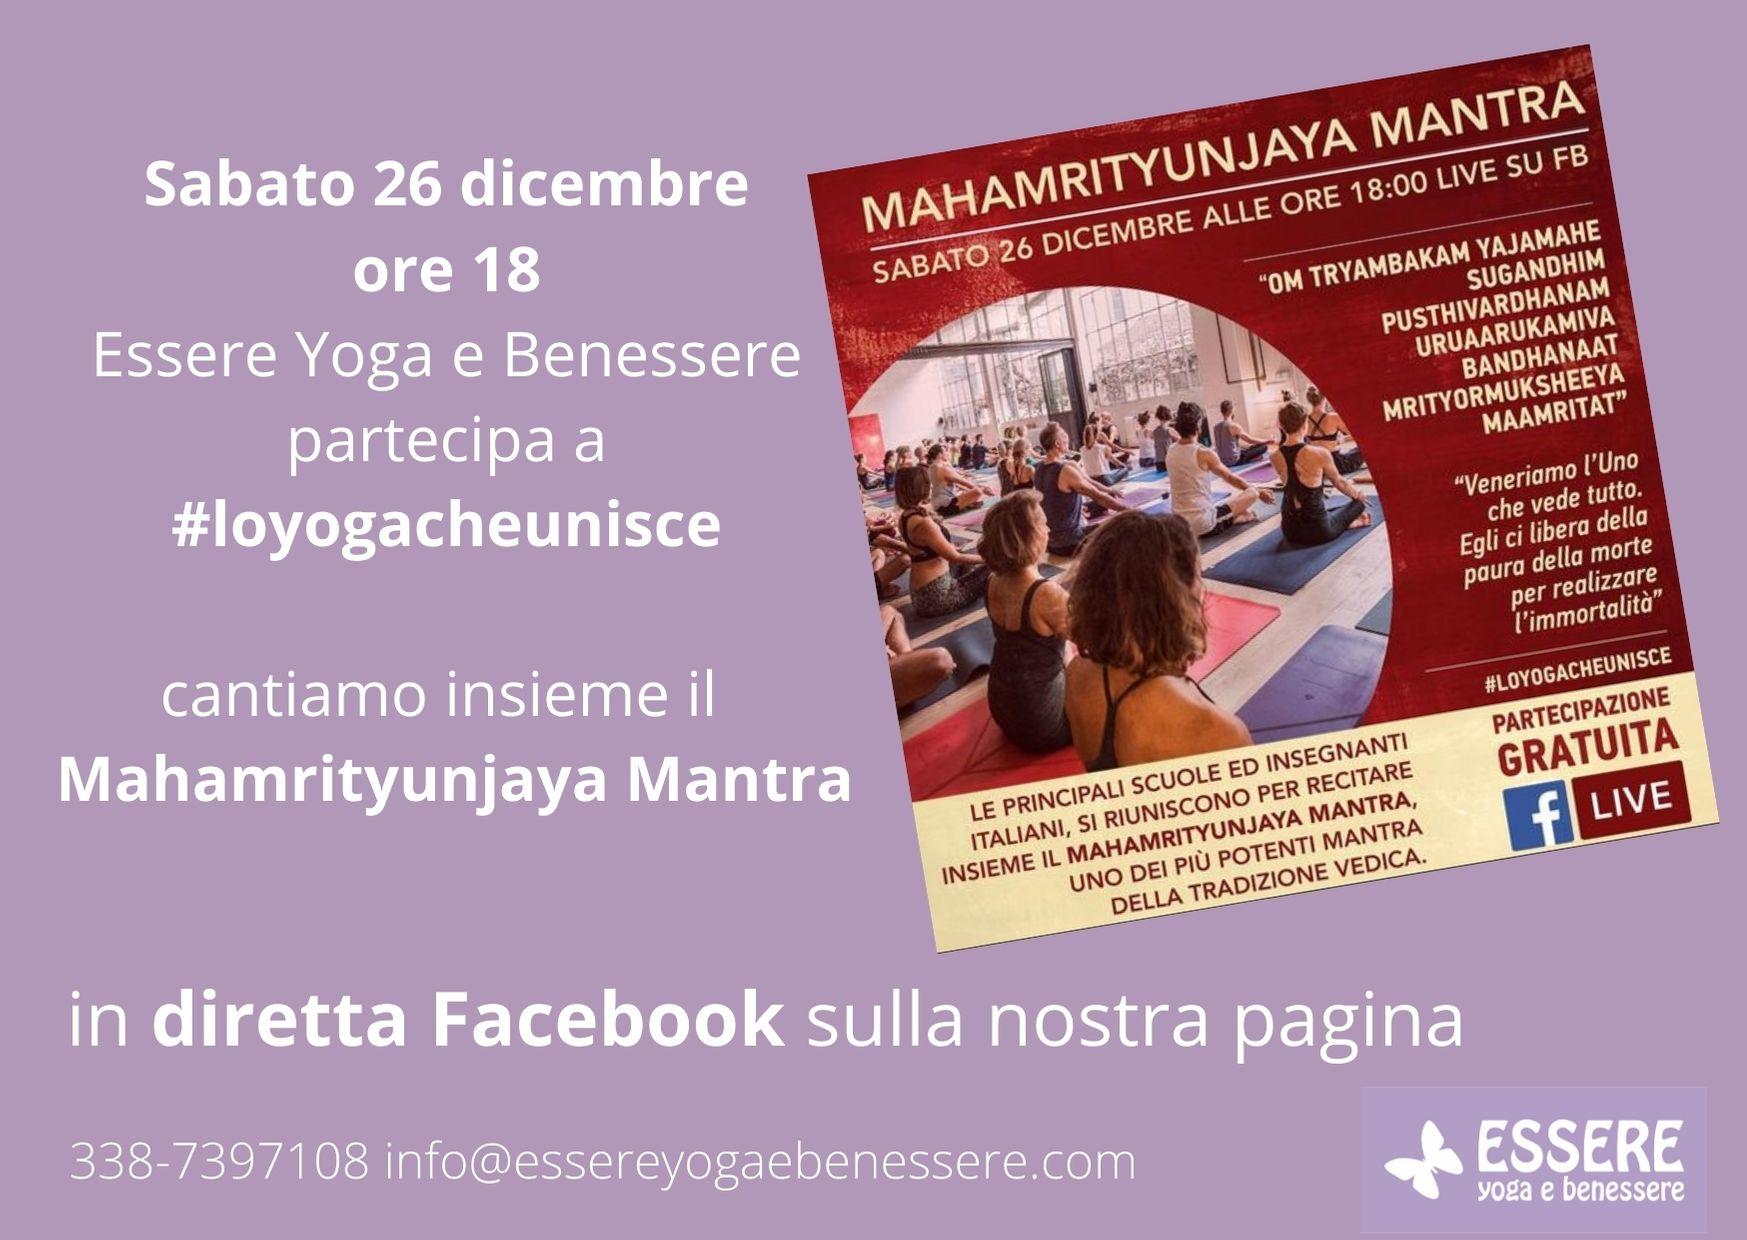 yoga-@-home-lezioni-online-casa-essere-free-gratuito-gratis-benessere-per-tutti-alassio-lucia-ragazzi-meditazione-salute-sport-wellness-wellbeing-mantra-unisce